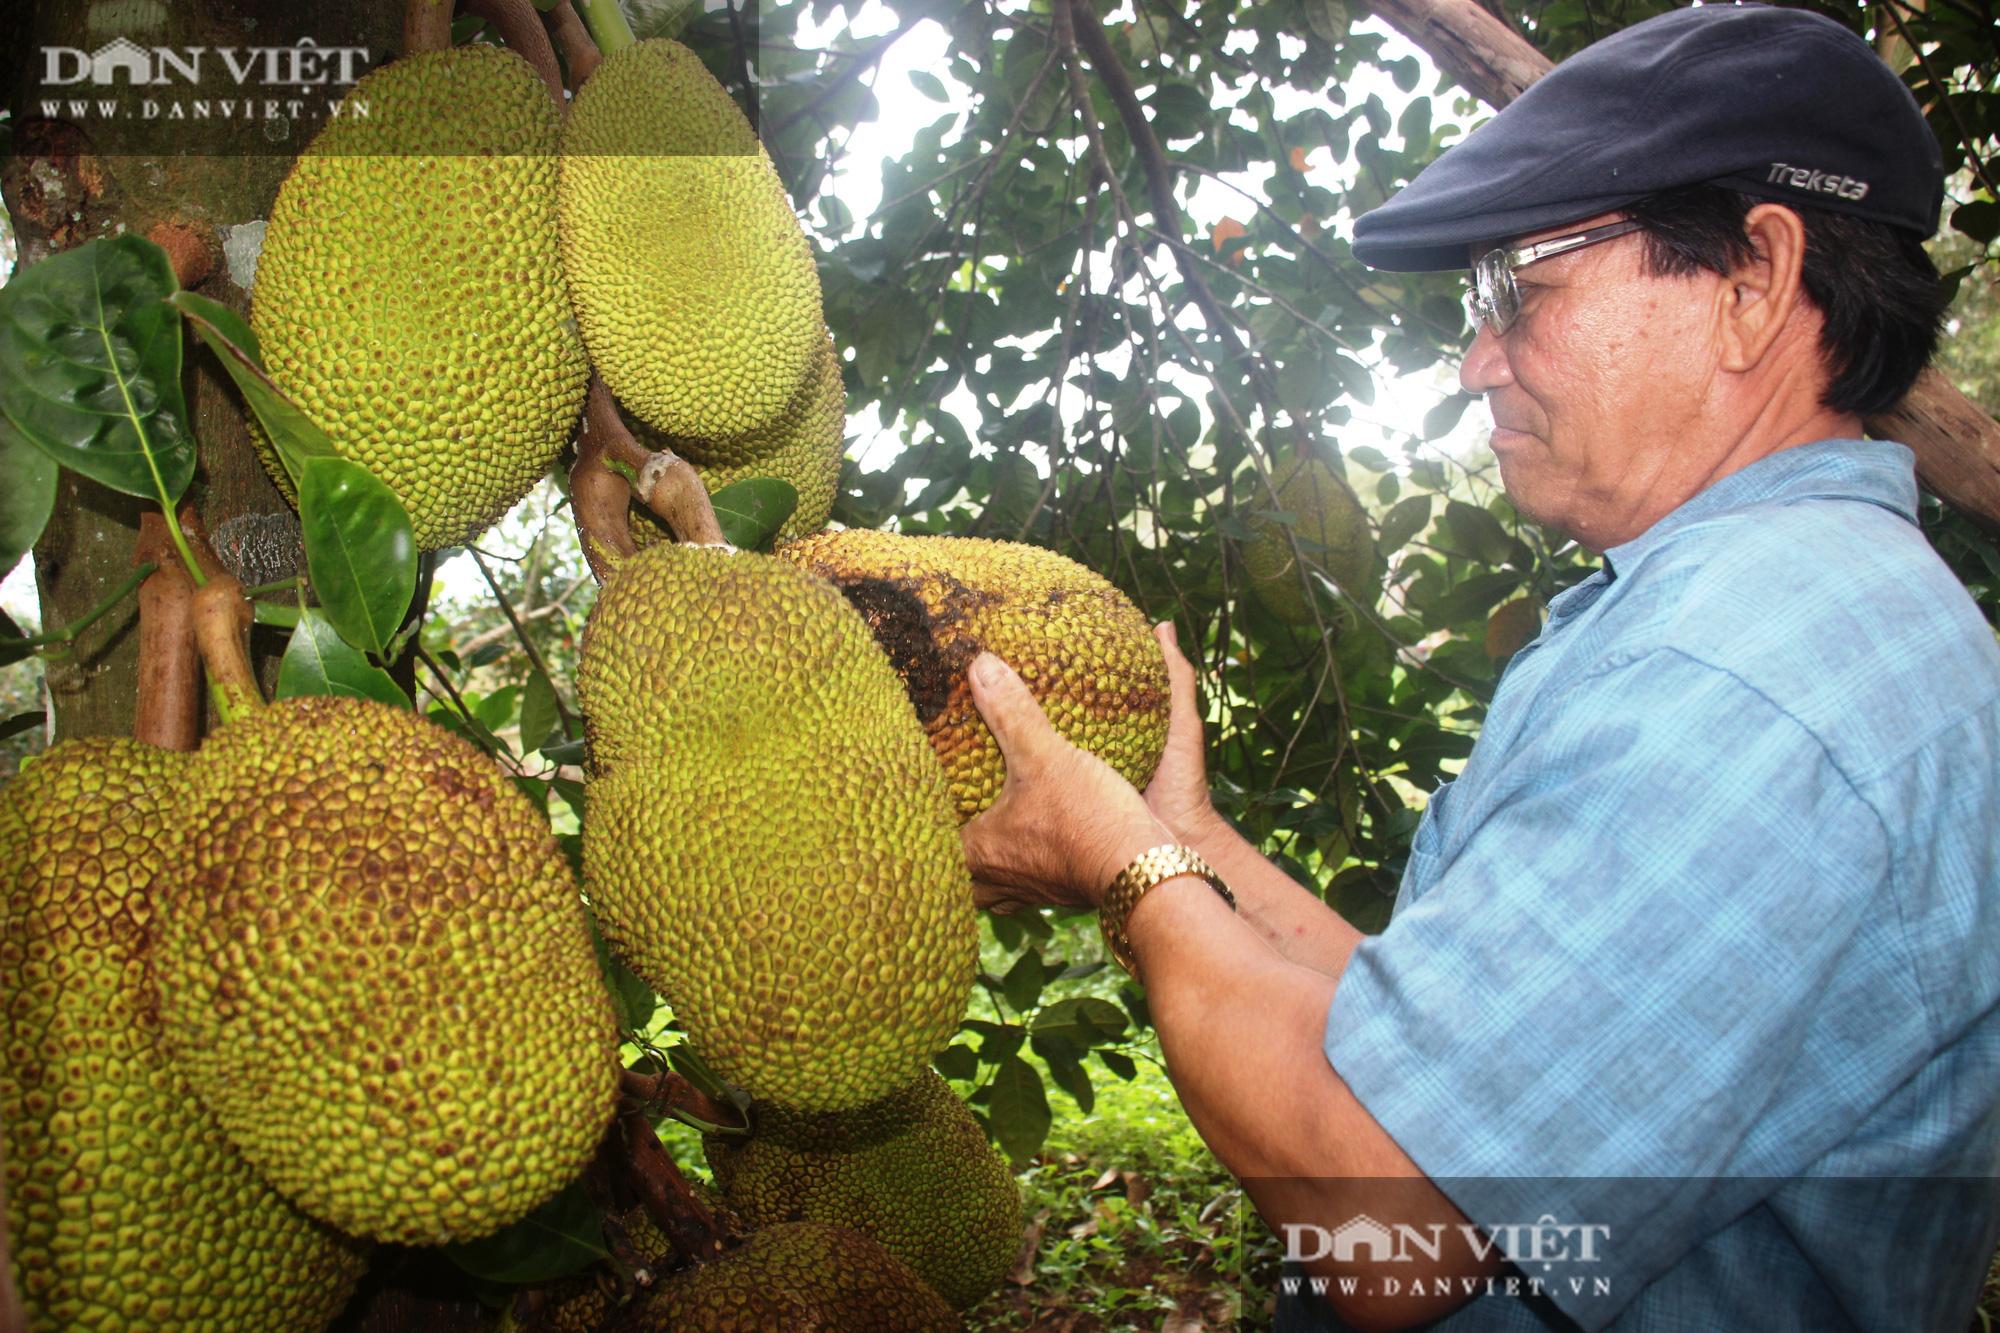 Nông dân được Thủ tướng tặng Bằng khen, nuôi con gì, trồng cây gì… để có doanh thu 2 tỷ đồng/năm? - Ảnh 3.